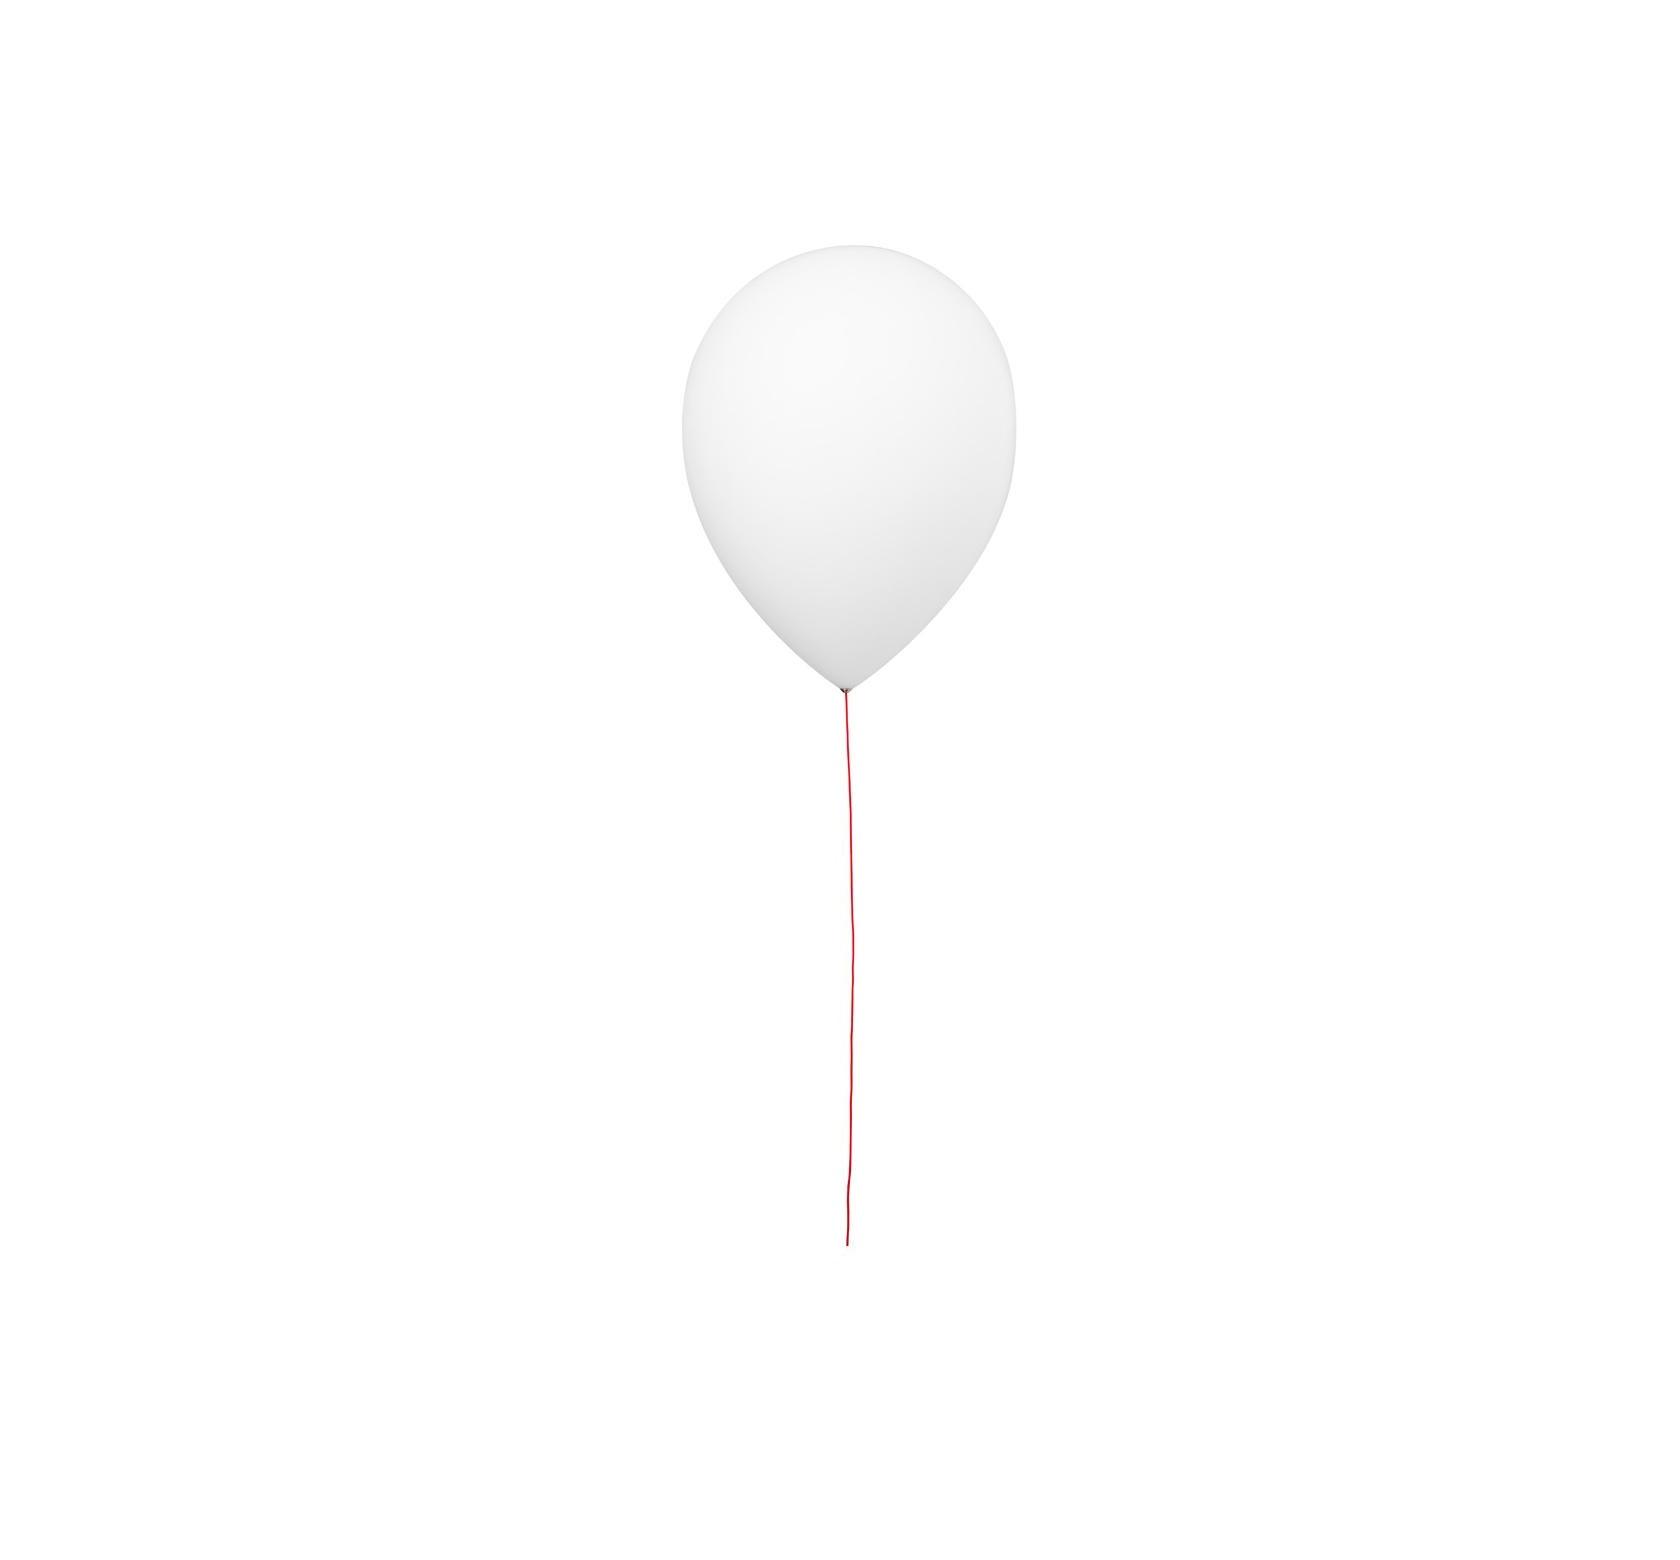 Бра BalloonБра<br>&amp;lt;div&amp;gt;Вид цоколя: E27&amp;lt;/div&amp;gt;&amp;lt;div&amp;gt;Мощность: 20W&amp;amp;nbsp;&amp;lt;/div&amp;gt;&amp;lt;div&amp;gt;Количество ламп: 1&amp;lt;/div&amp;gt;<br><br>Material: Пластик<br>Height см: 84.4<br>Diameter см: 26